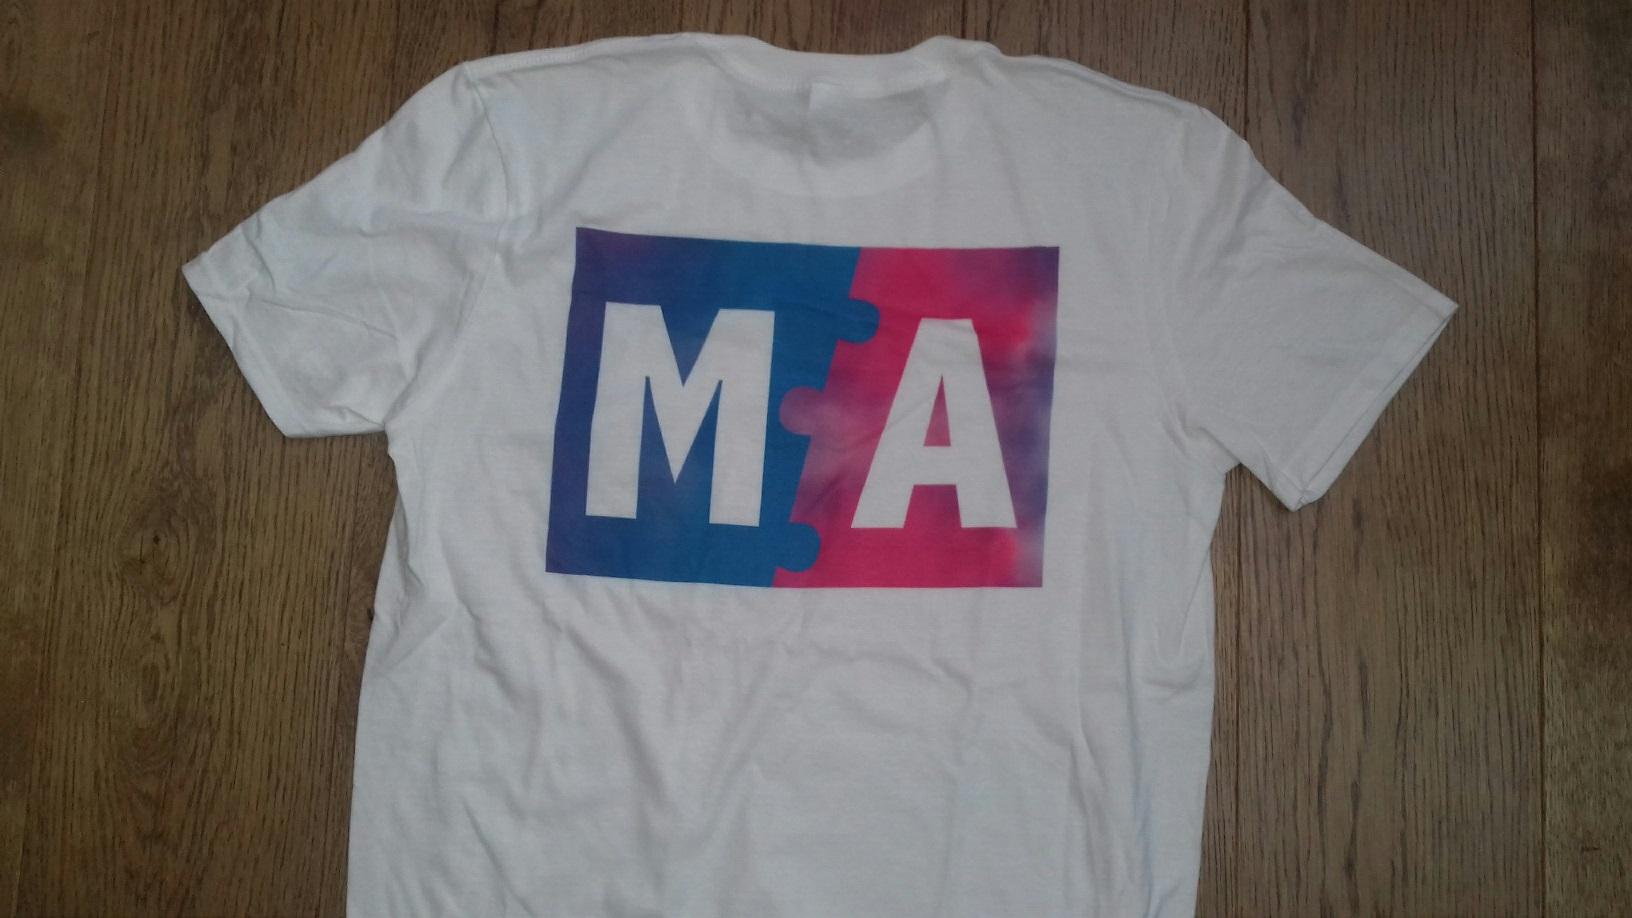 T Shirt Printing,T shirt printing london